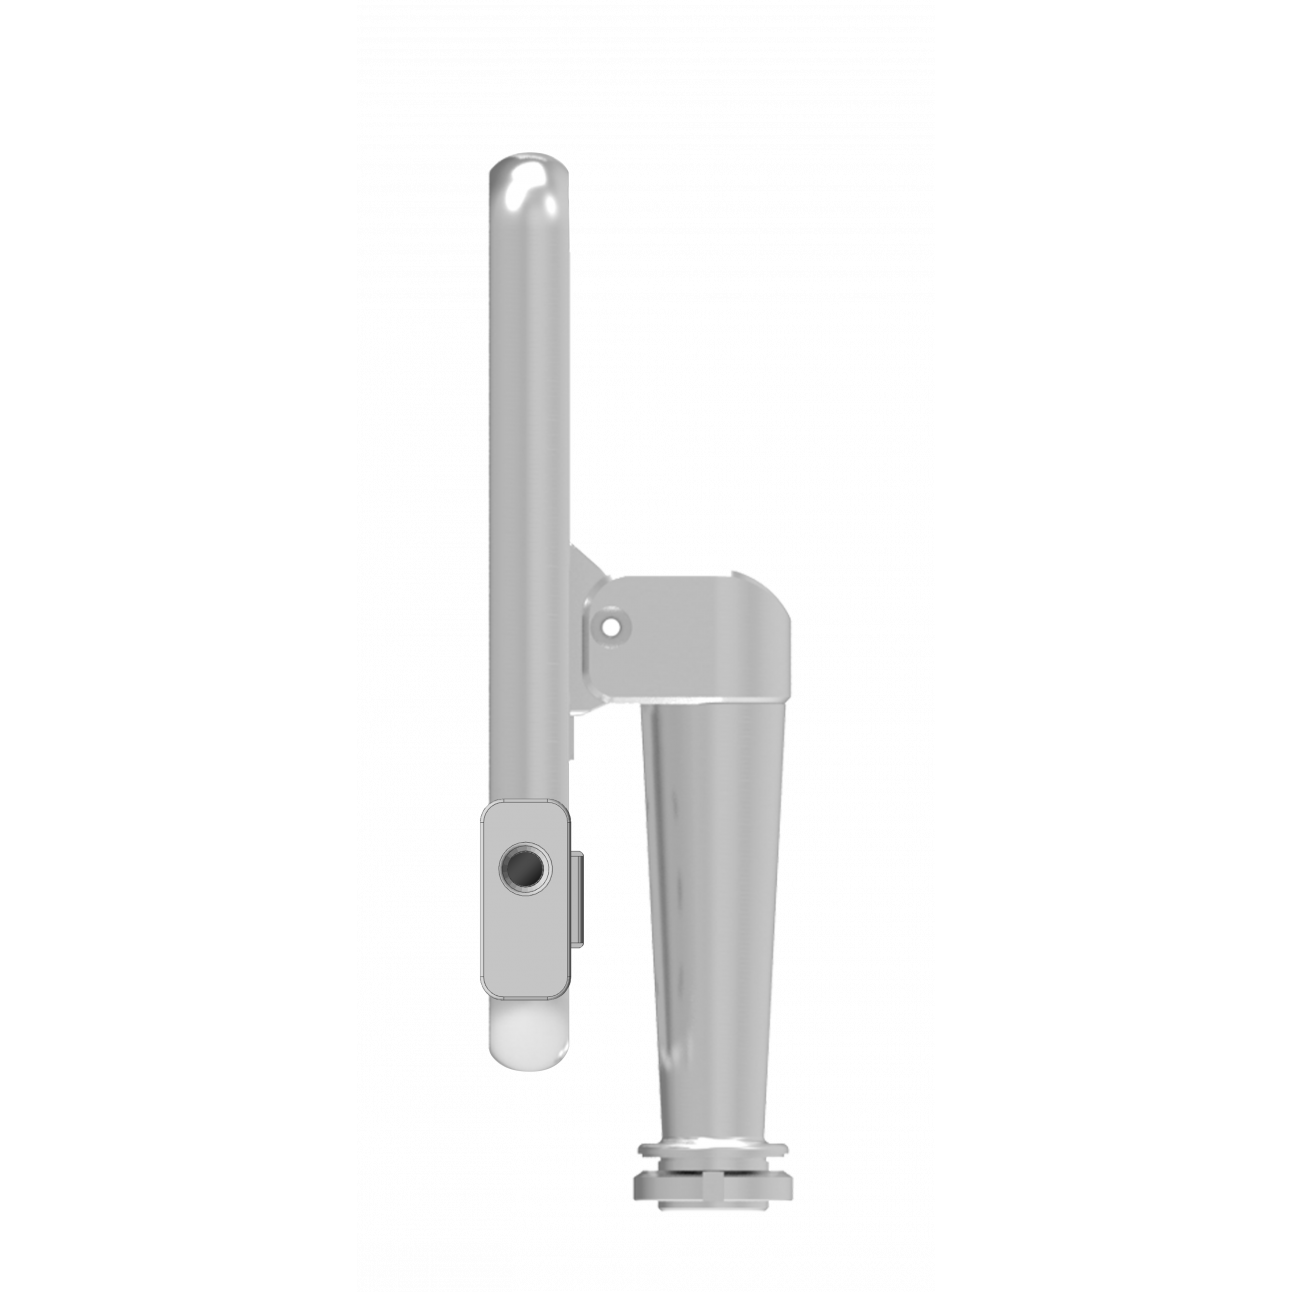 Терминал биометрический OMNY BASE FRT2, 2Мп (1920x1080) 30к/с,4.5mm F1.2, c распознаванием лиц, измерением температуры тела, поддержка Wiegand 26/34